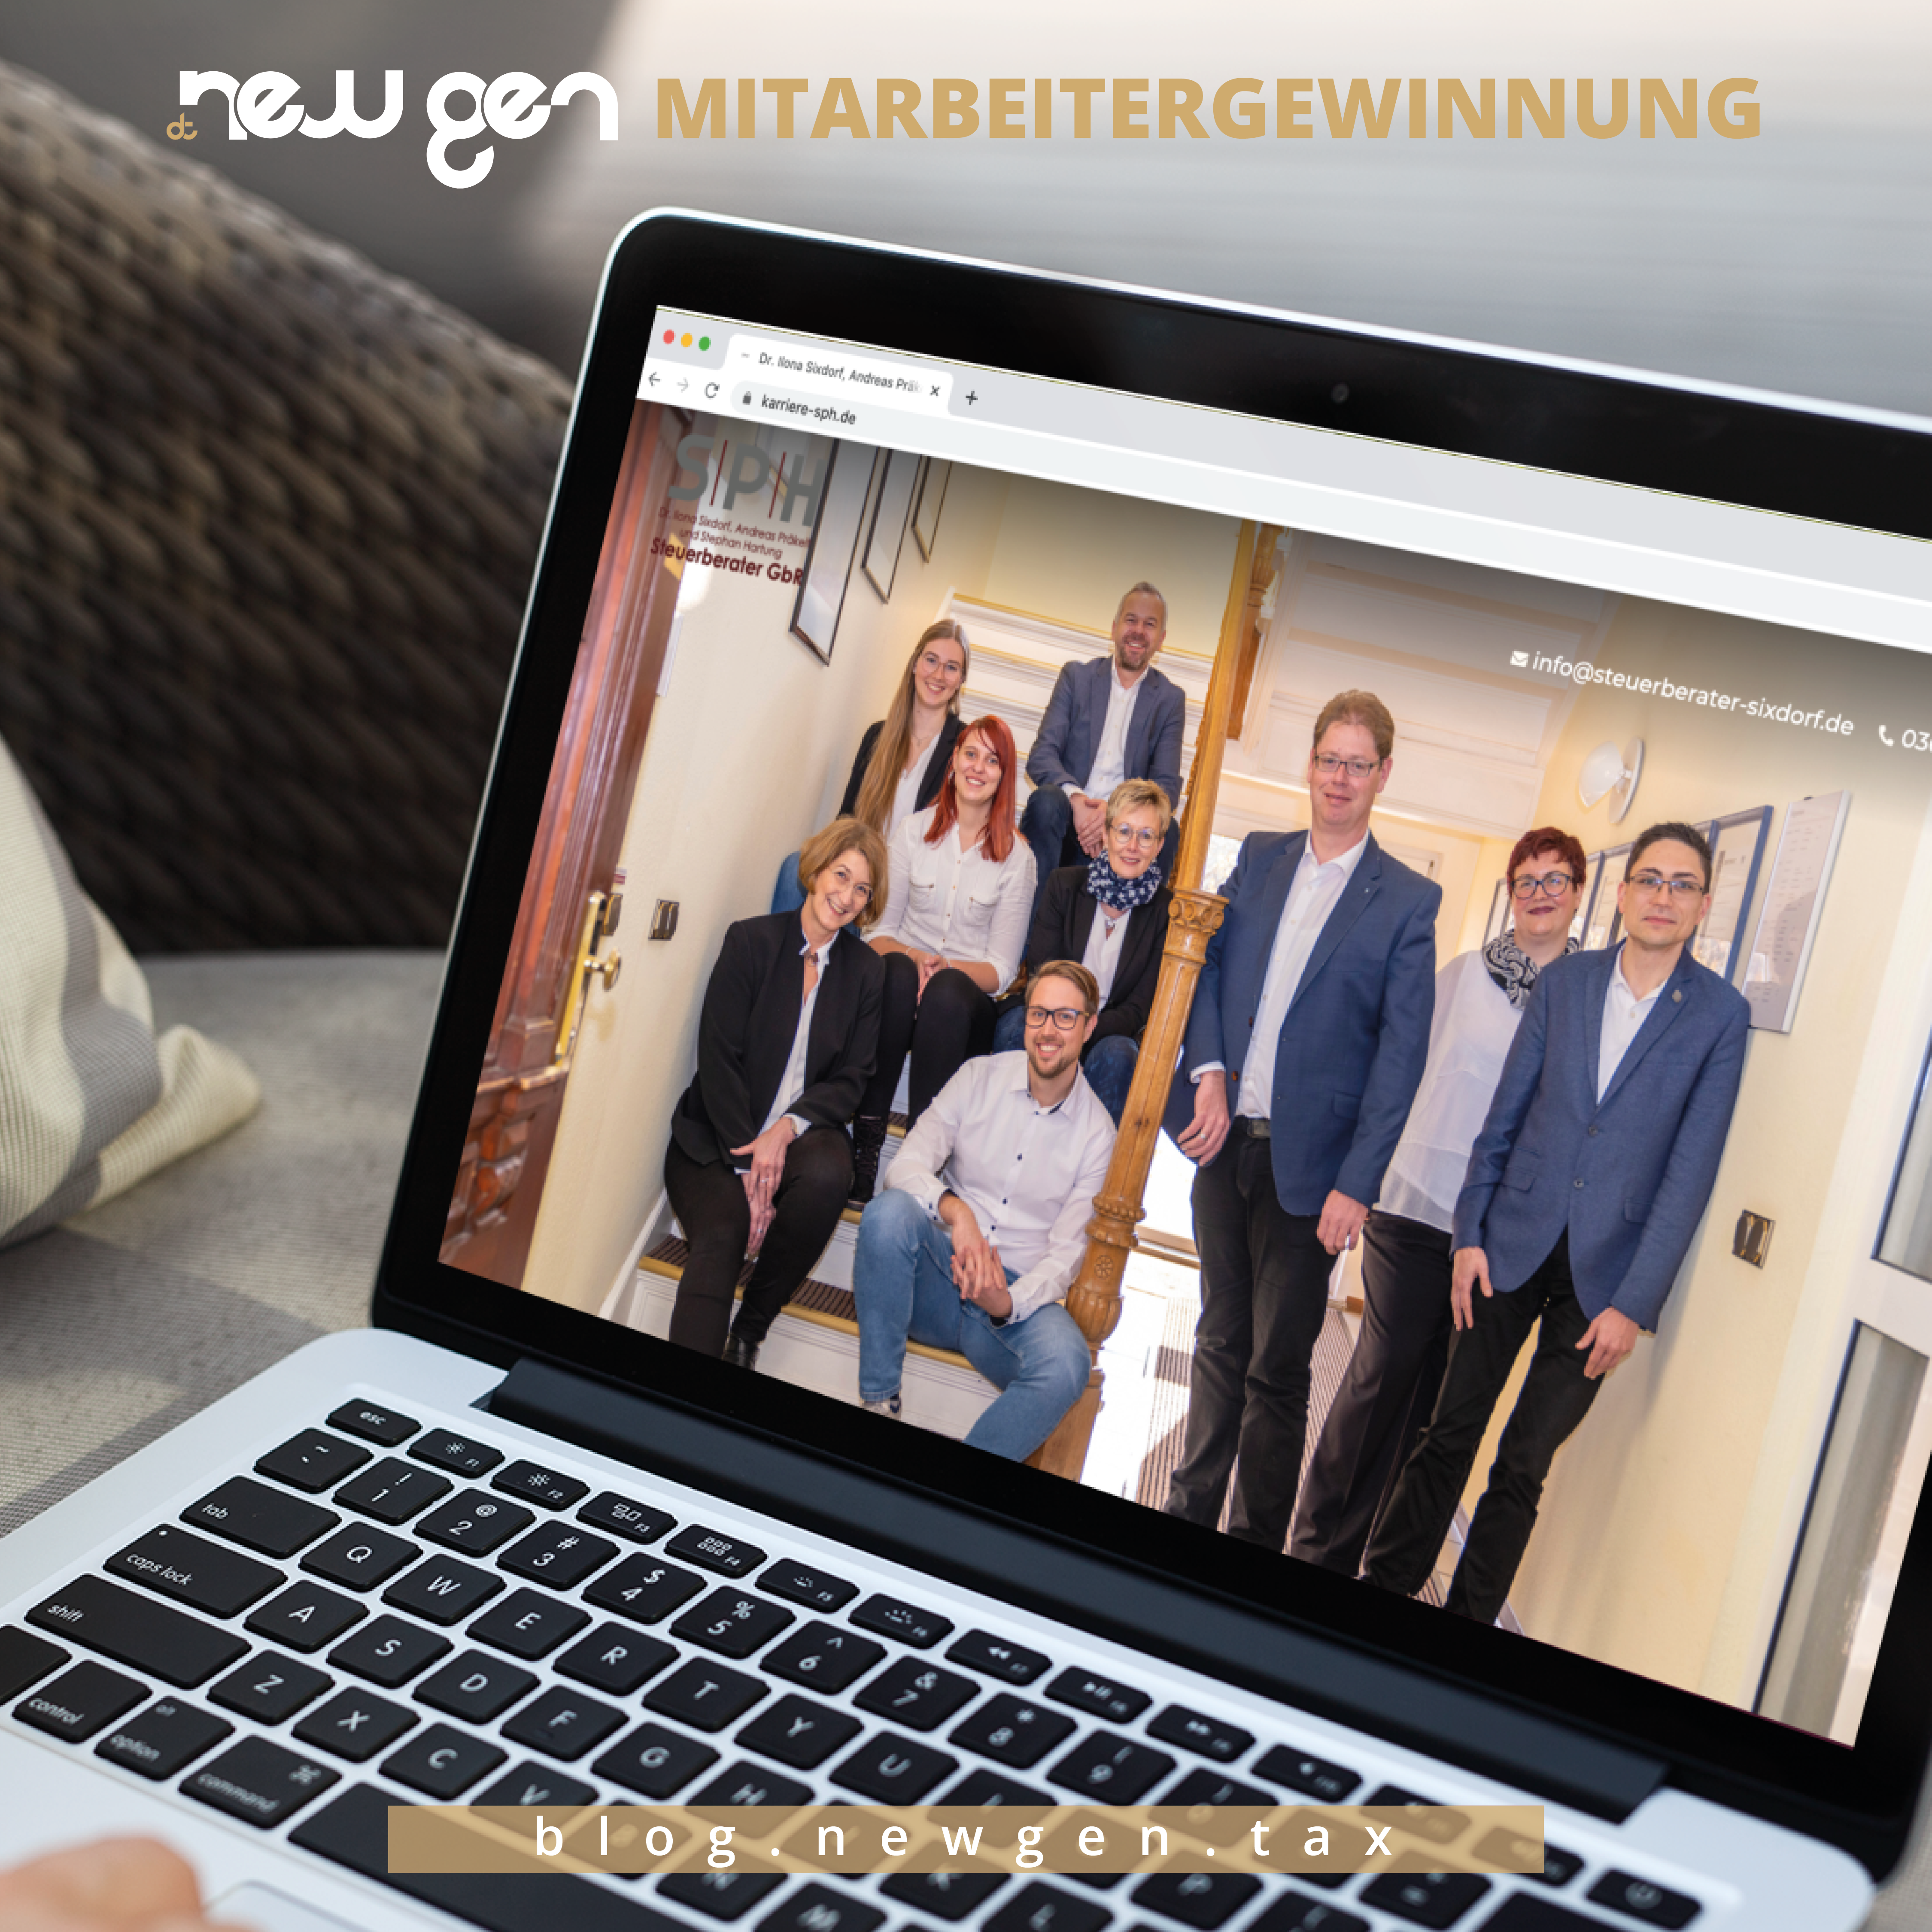 new gen Mitarbeitergewinnung -Andreas Präkelt und Stephan Hartung